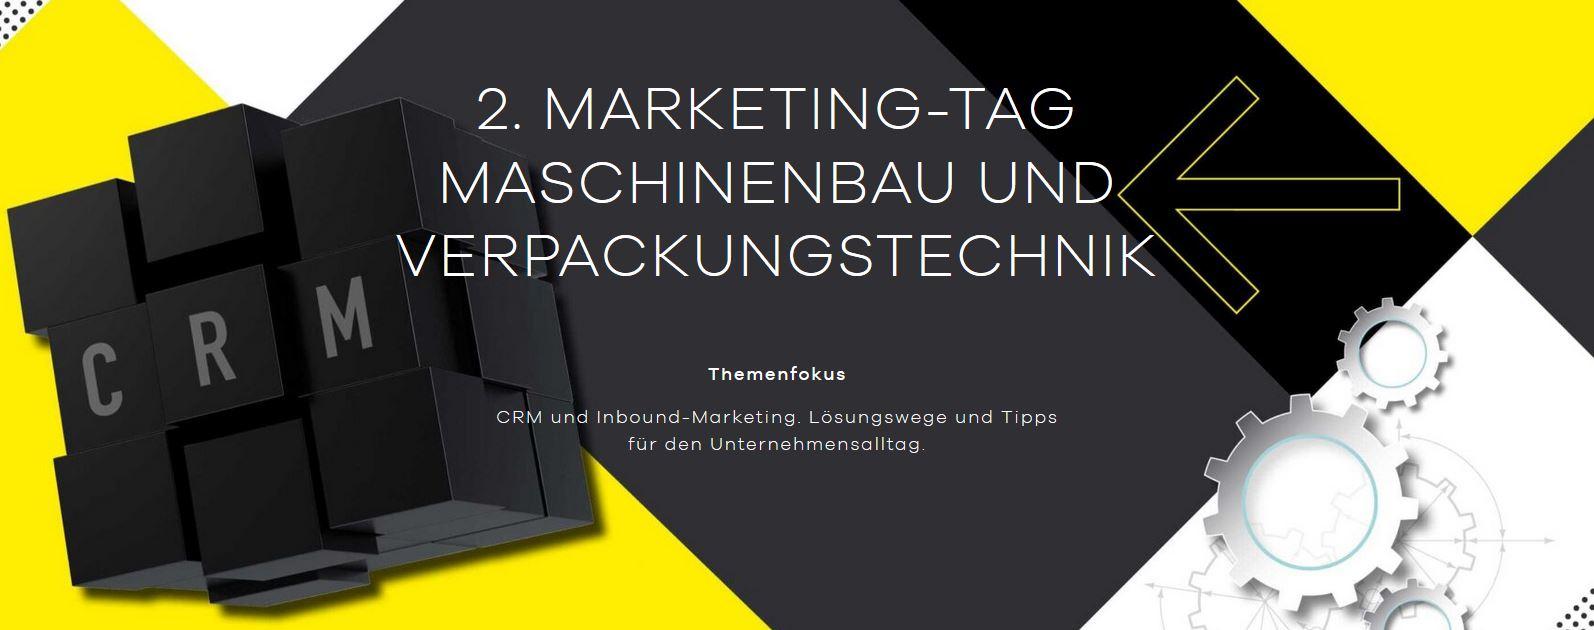 2. Marketing-Tag_Maschinenbau und Verpackungstechnik